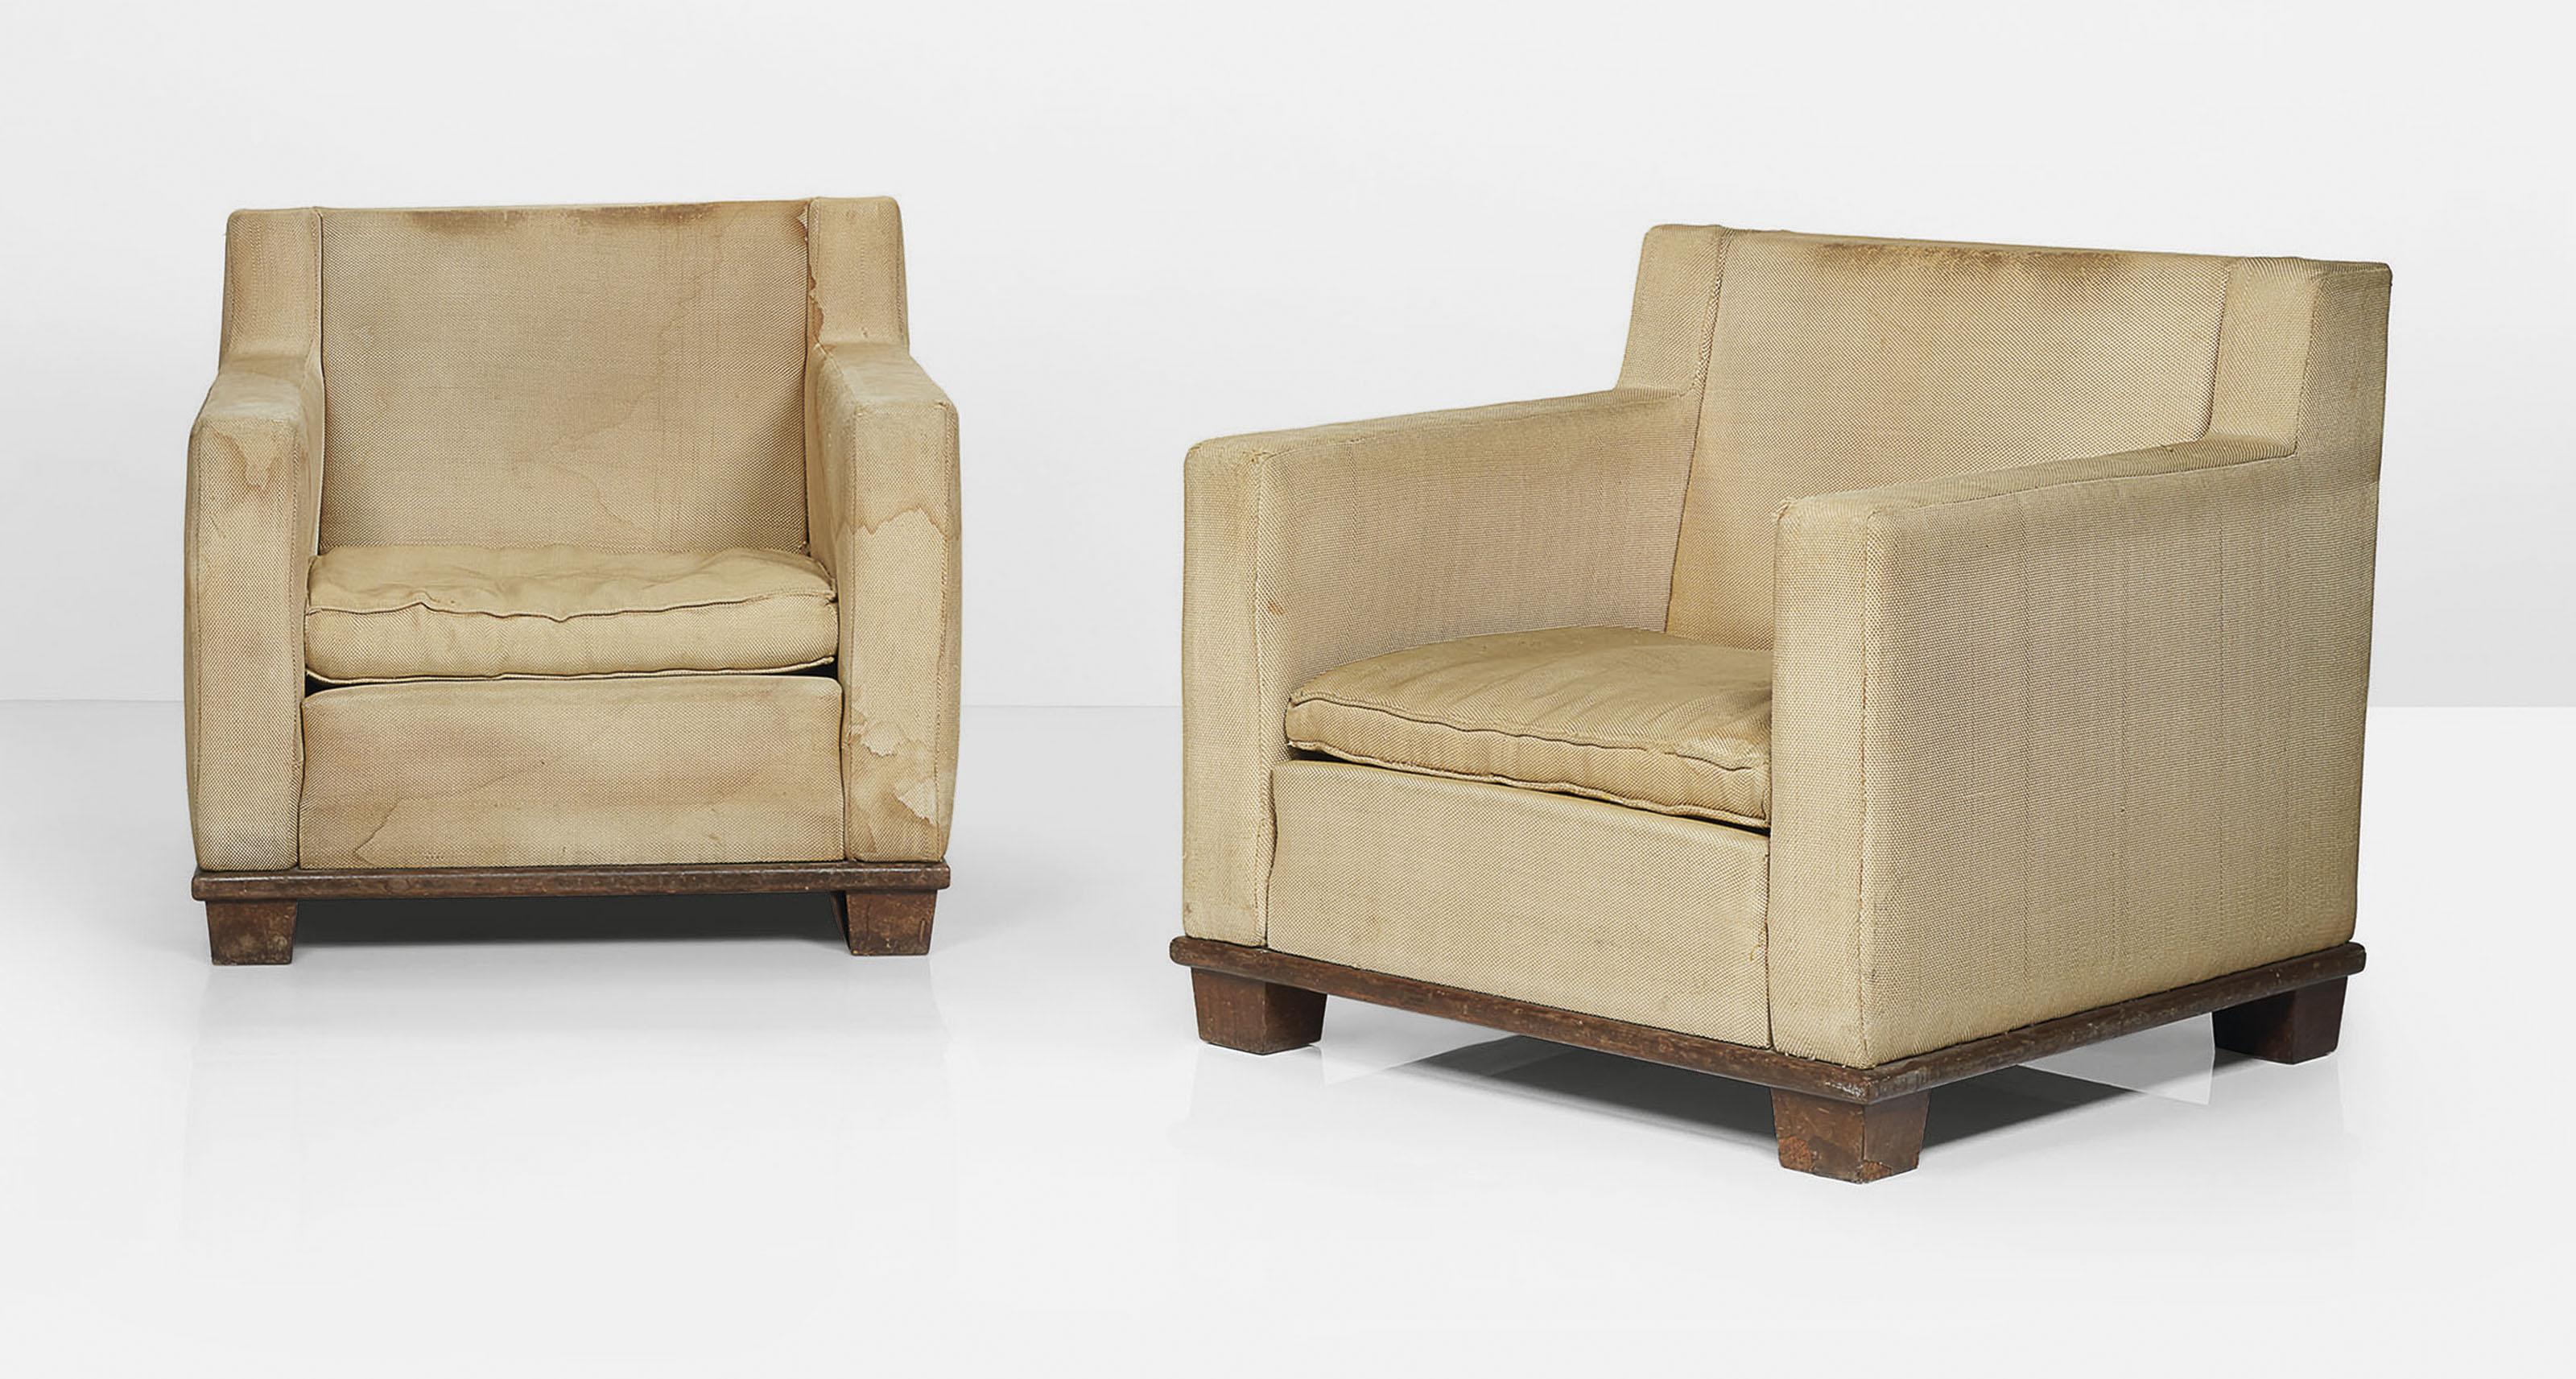 La Compagnie Du Hetre jacques adnet (1900-1984) | paire de fauteuils, ÉditÉs par